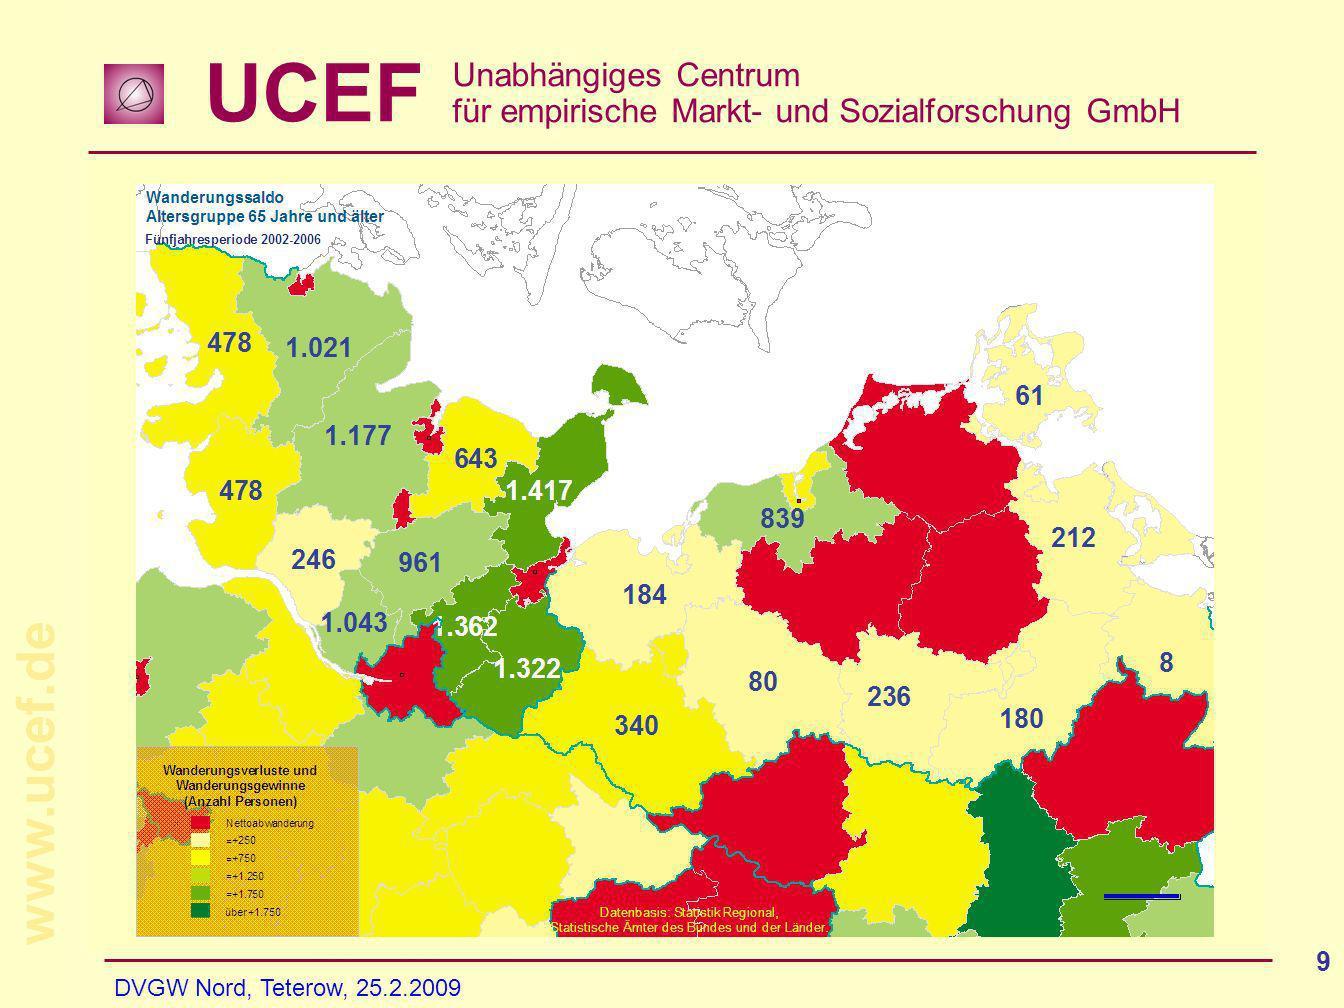 UCEF Unabhängiges Centrum für empirische Markt- und Sozialforschung GmbH www.ucef.de DVGW Nord, Teterow, 25.2.2009 9 Wanderung - Altersgruppe ab 65 Jahre Fünfjahresperiode 2002-2006